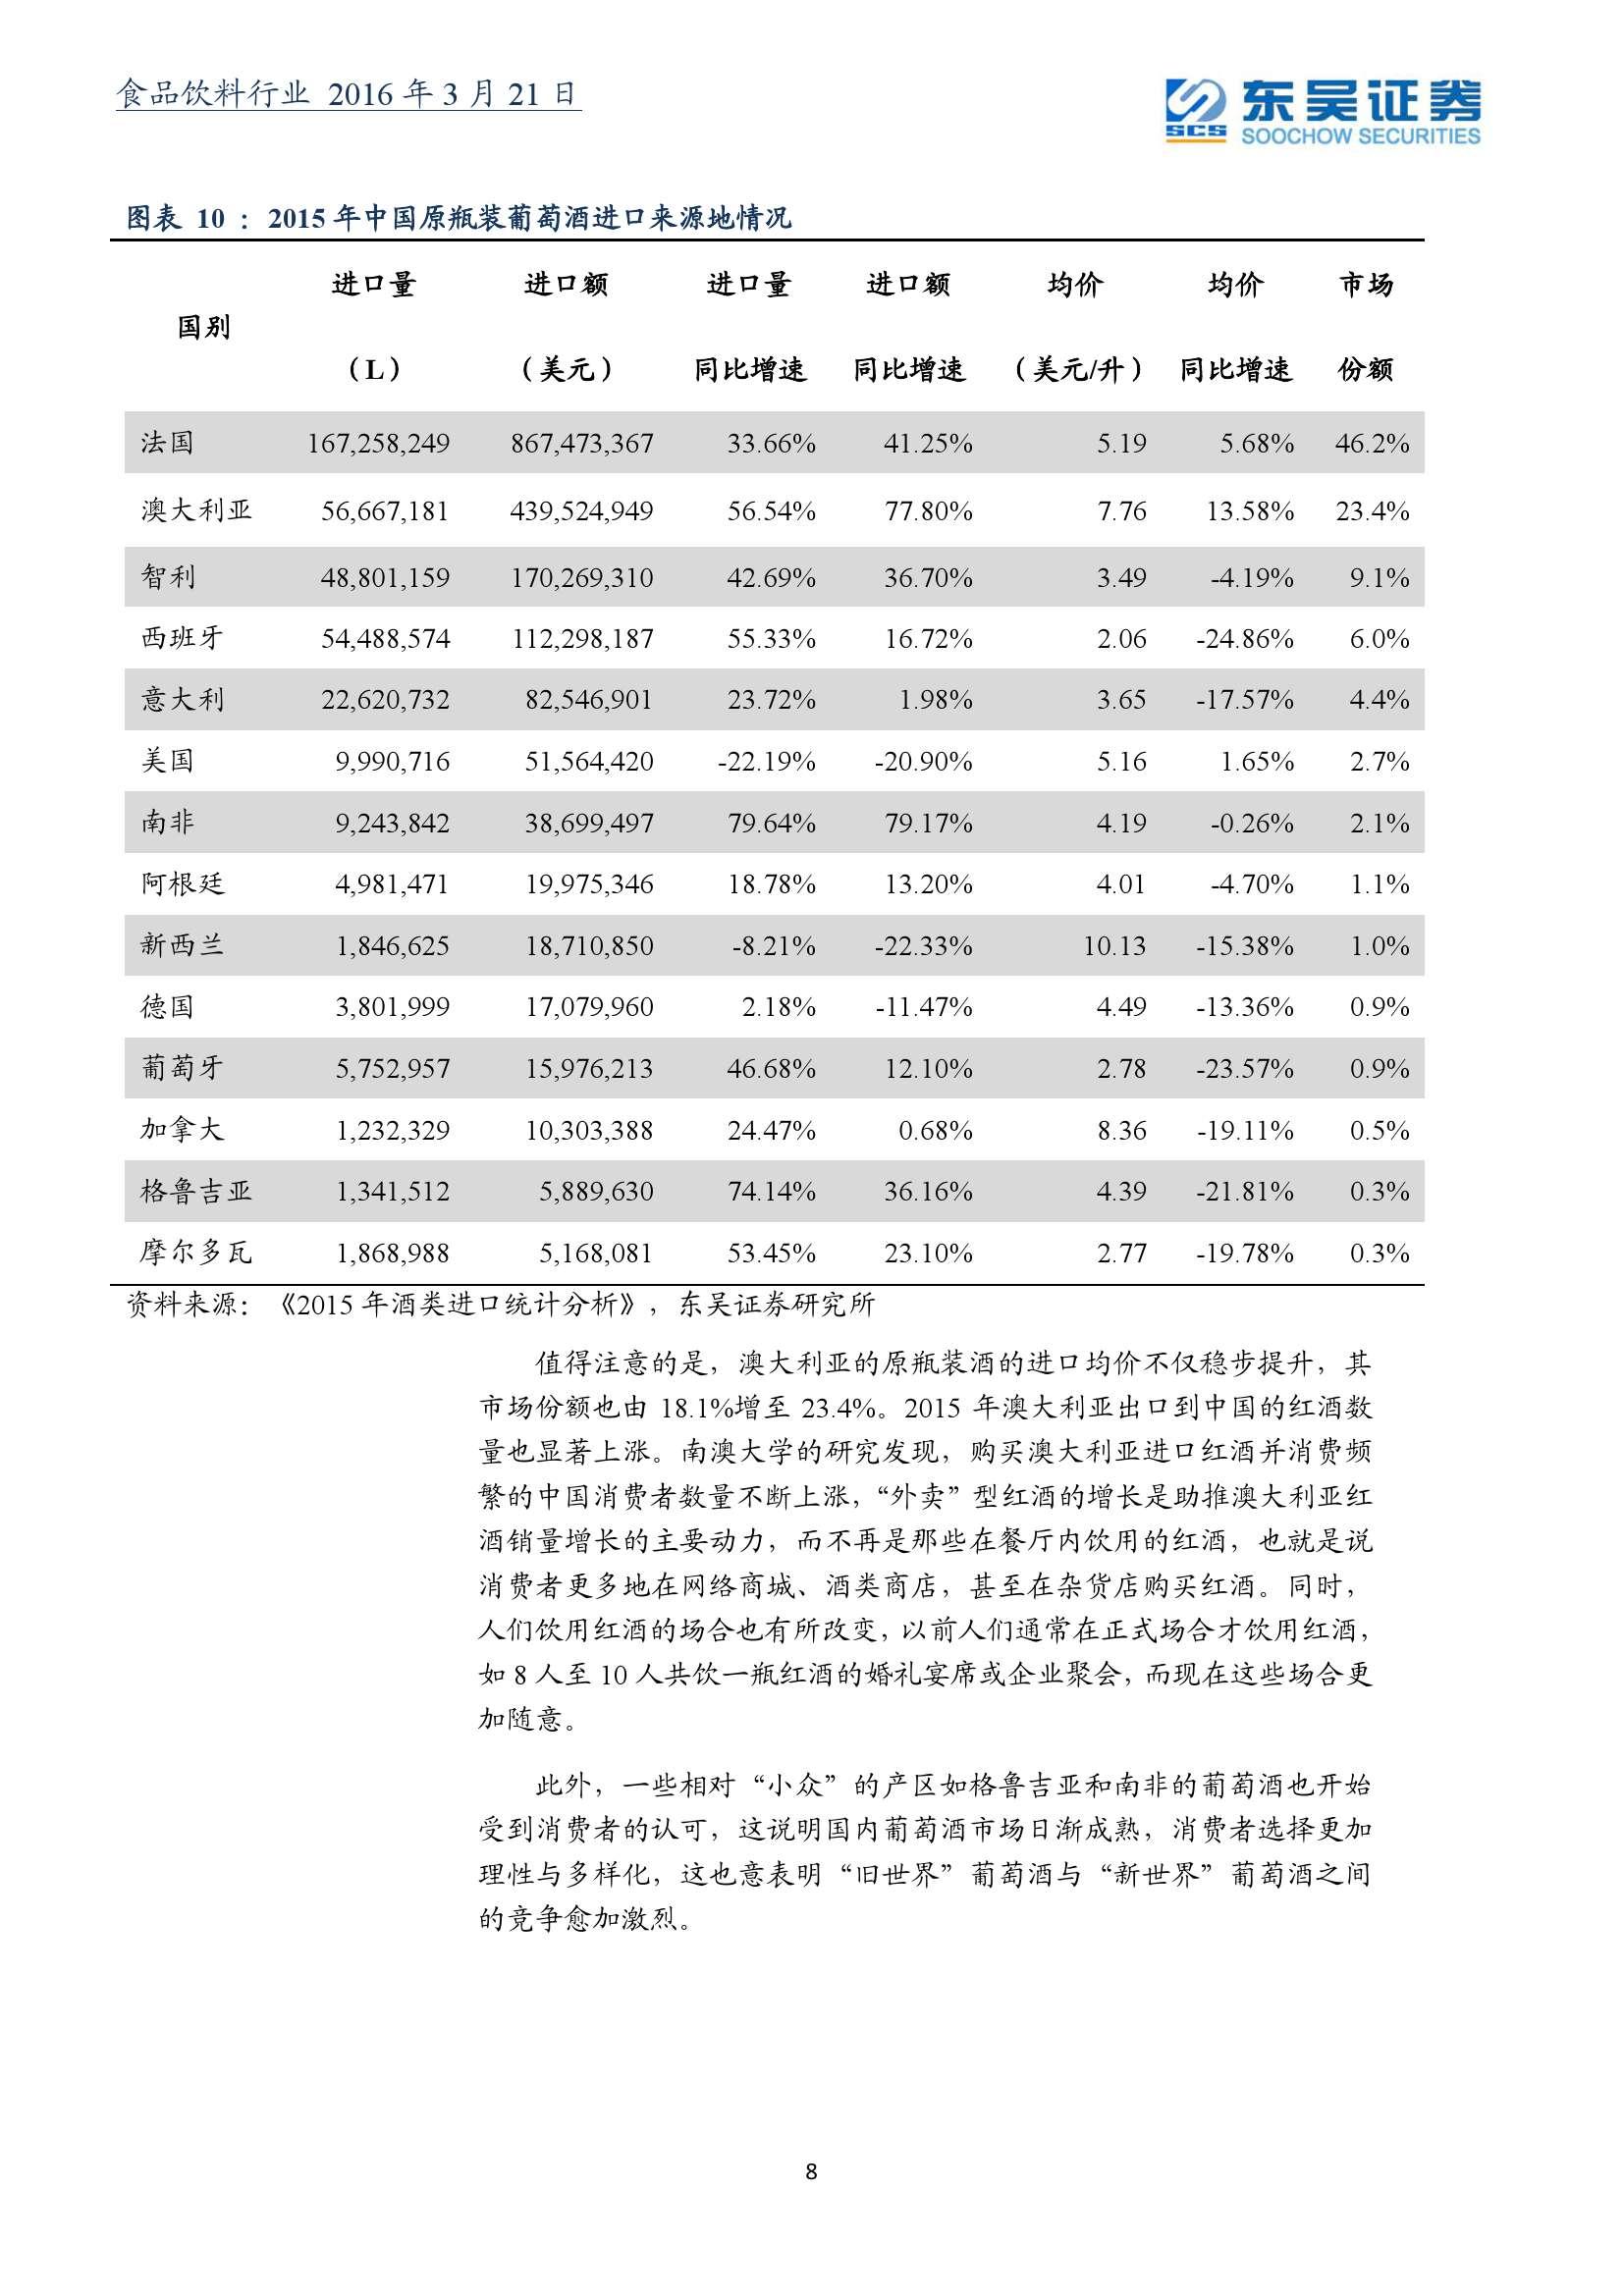 2016年葡萄酒行业深度报告_000008